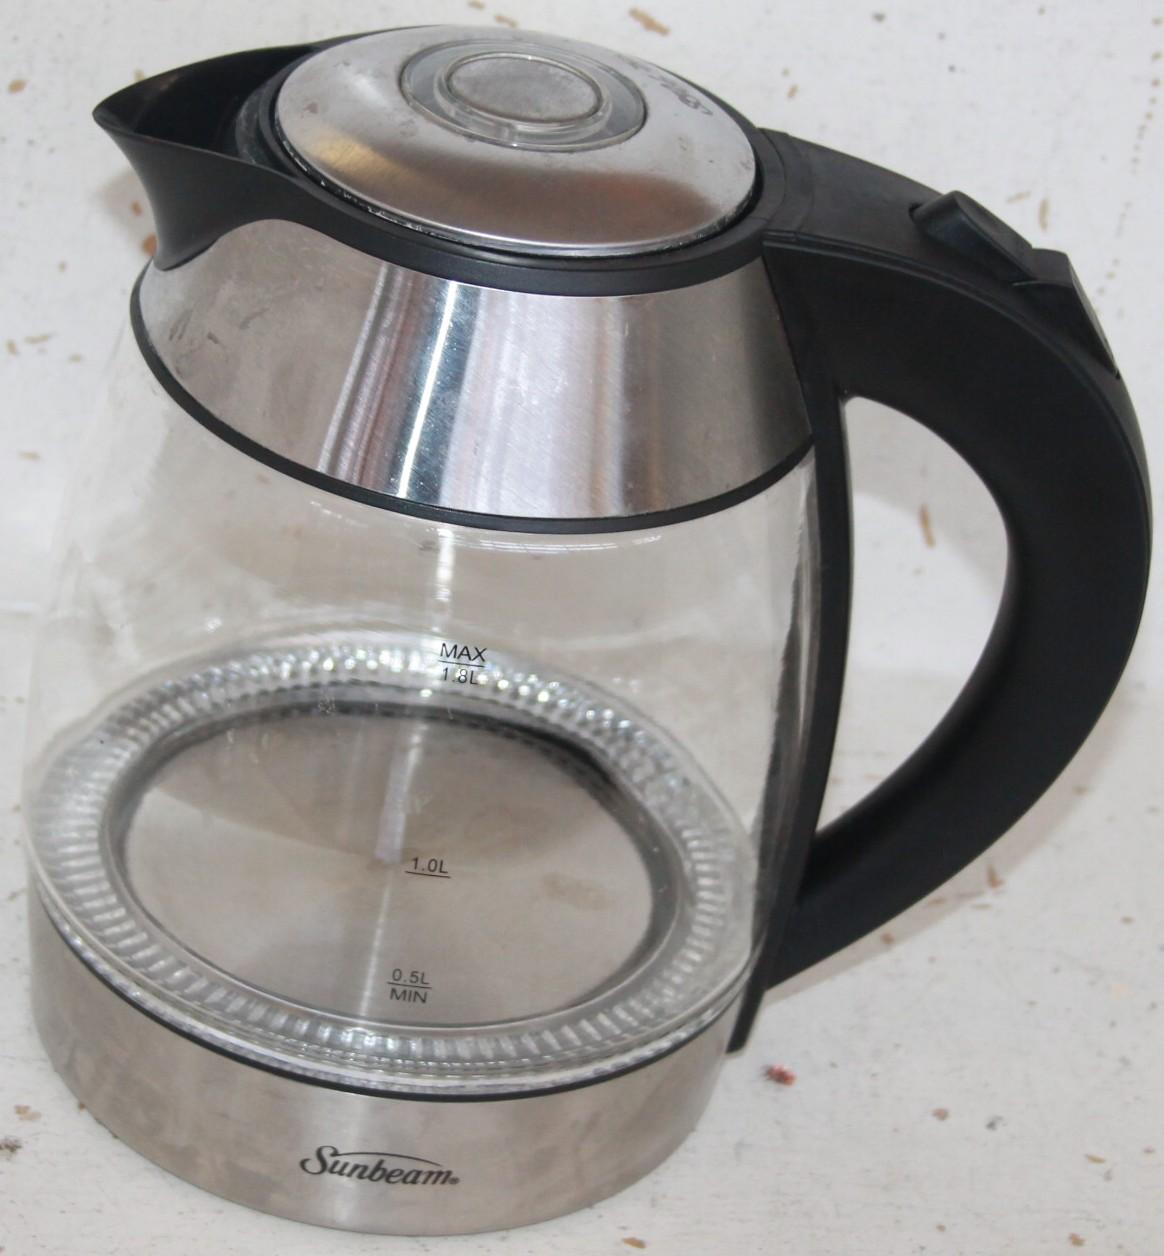 Sunbeam kettle S026771a #Rosettenvillepawnshop